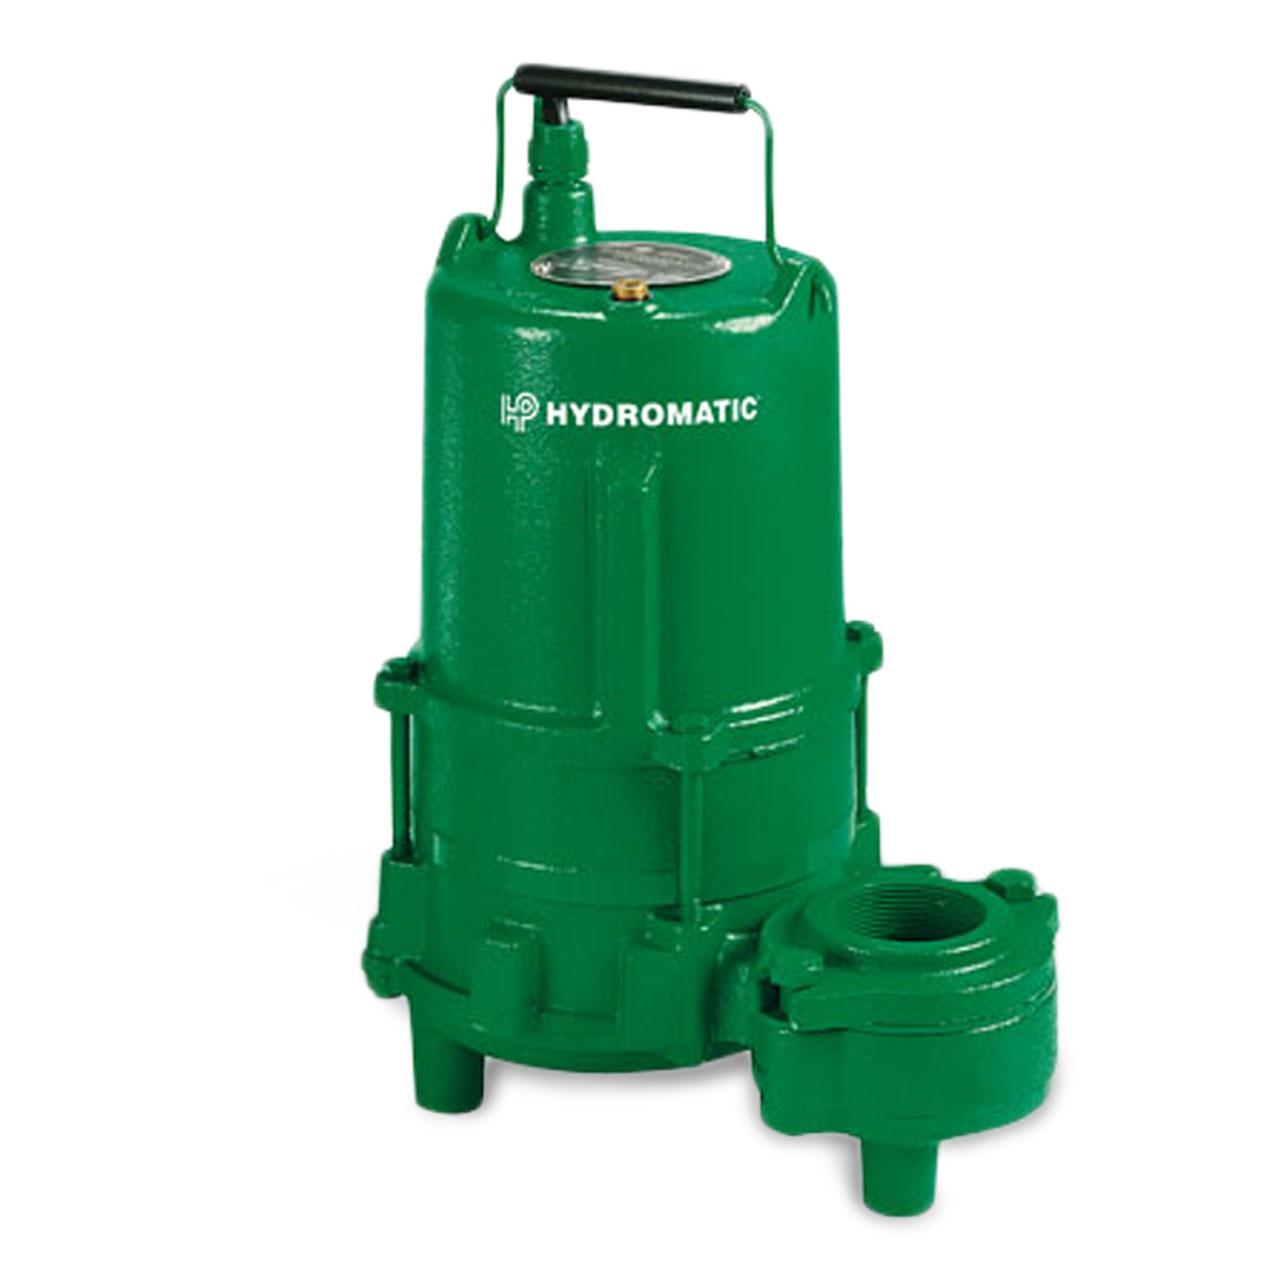 ozito constant pressure pump manual